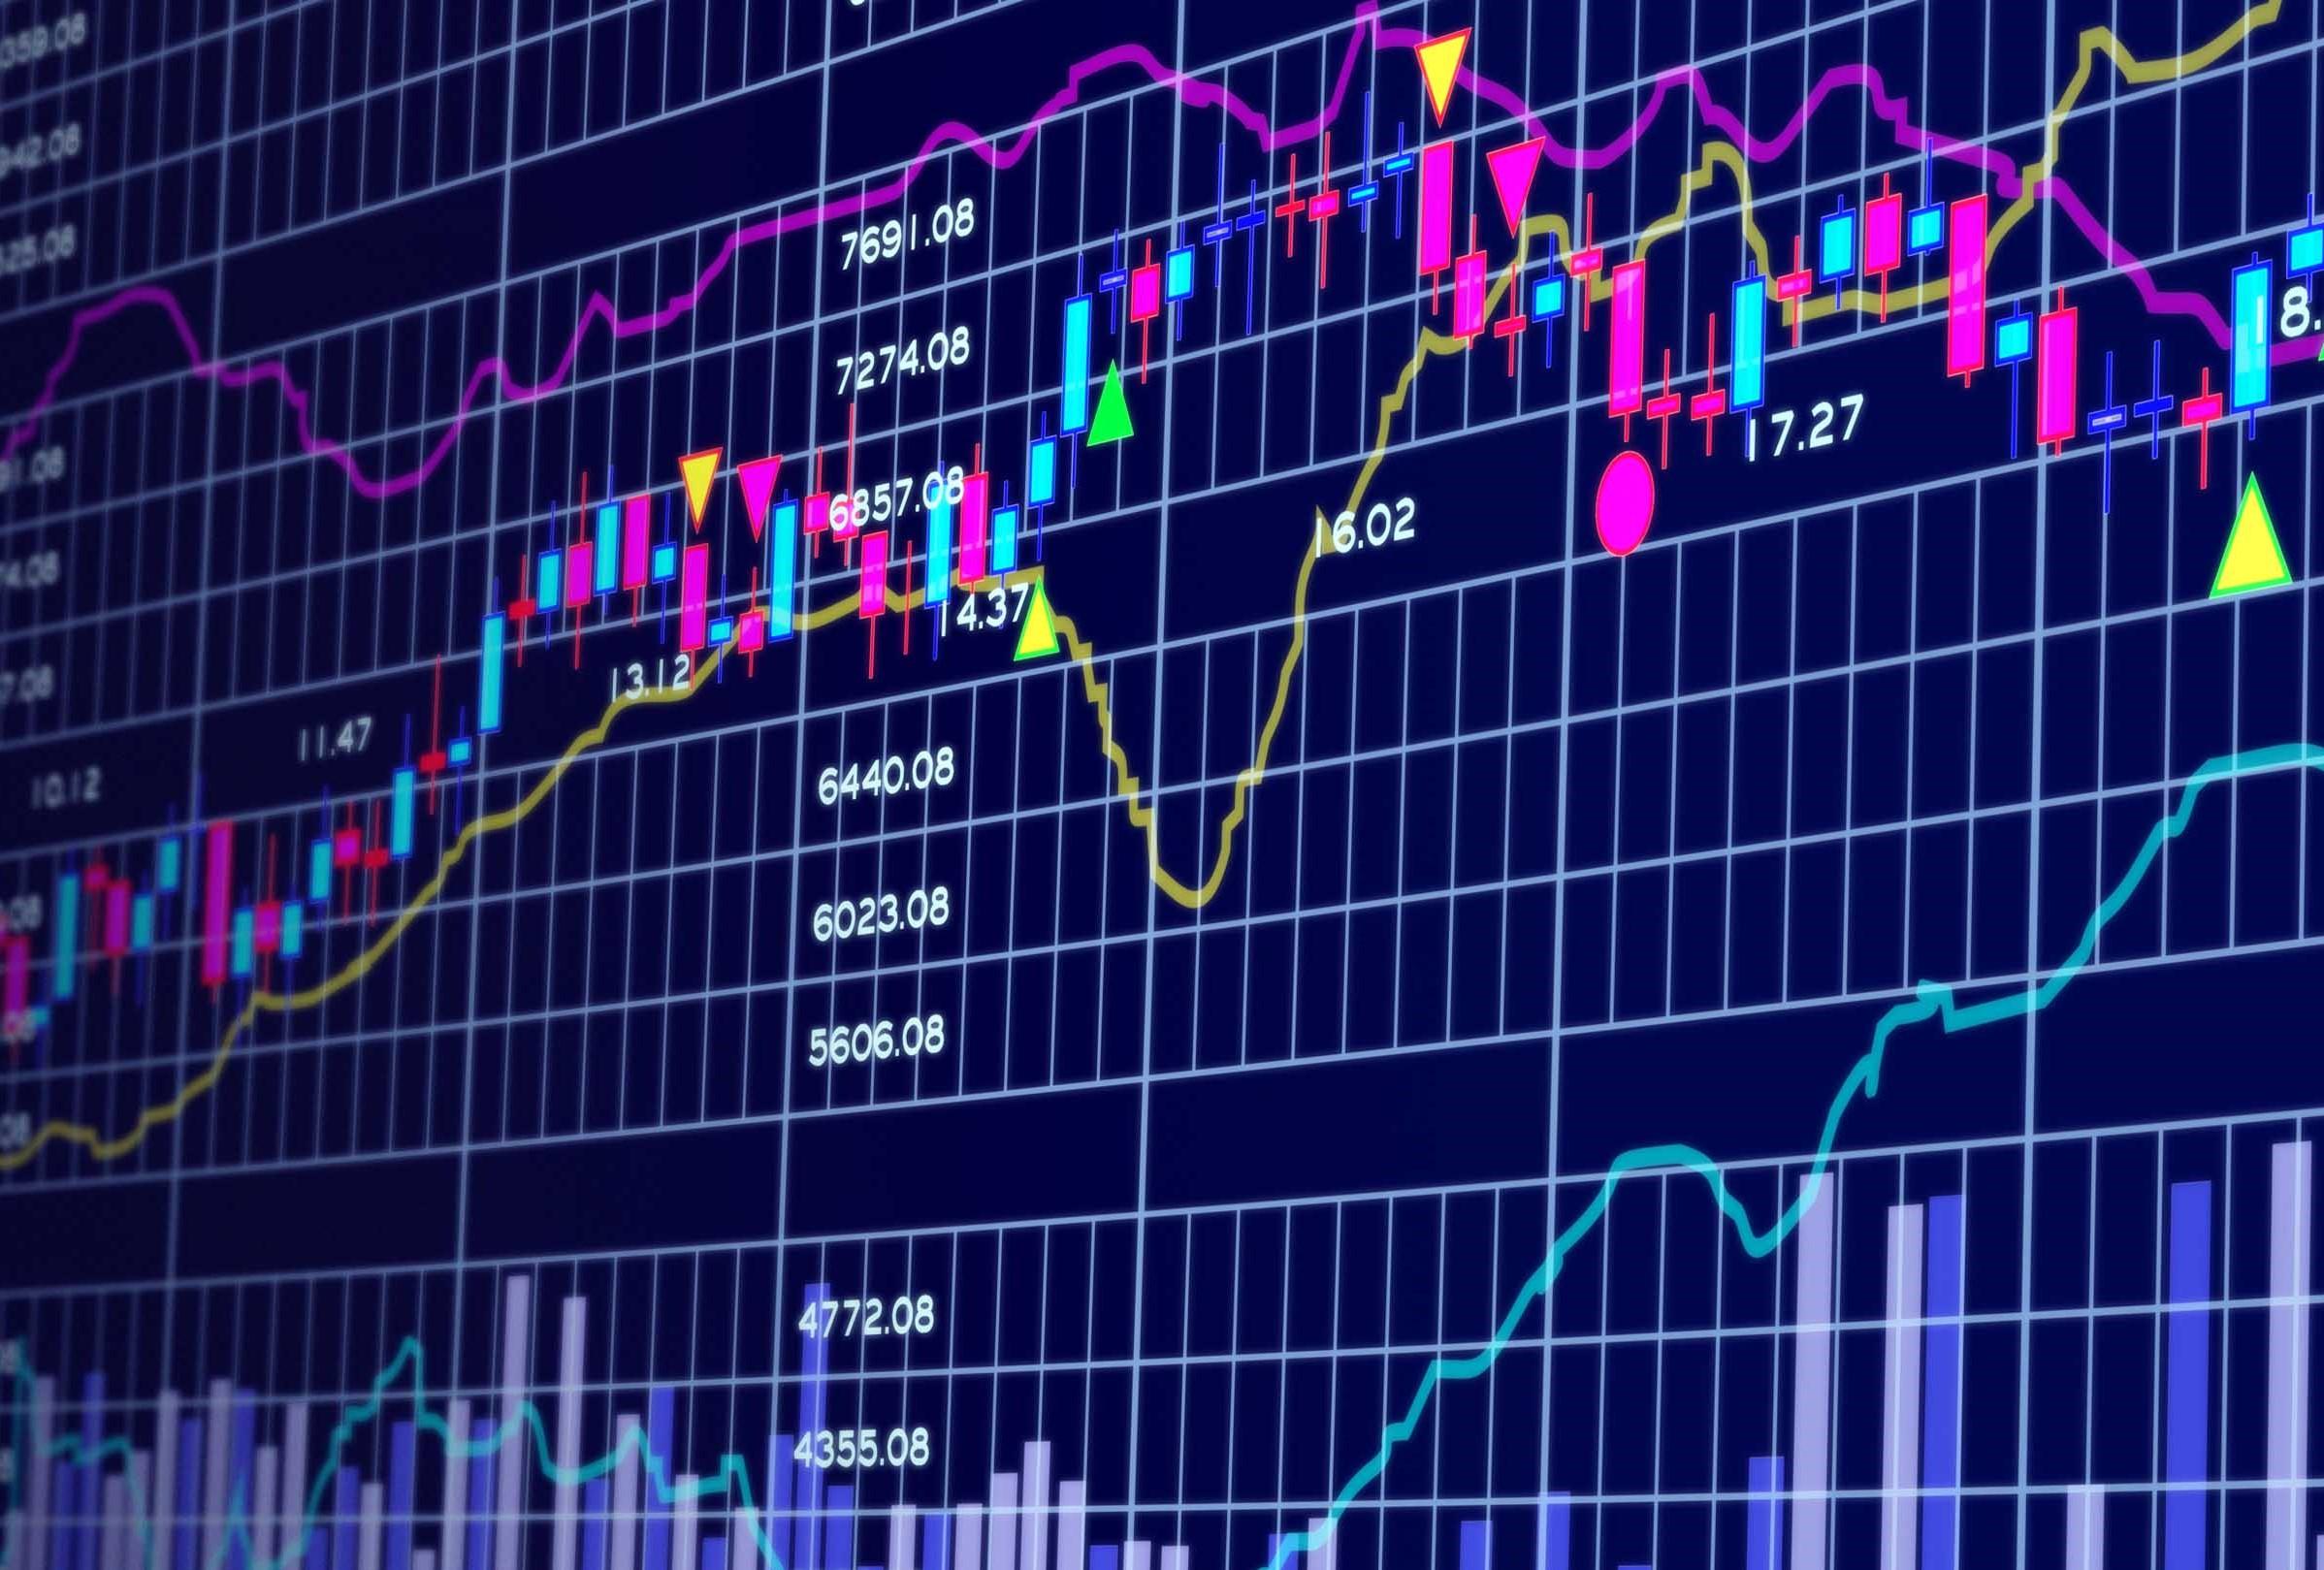 صرافی اوکی اکسچنج ، مجموعه ای مطمئن برای تجارت و معاملات اسپات ارزهای دیجیتال